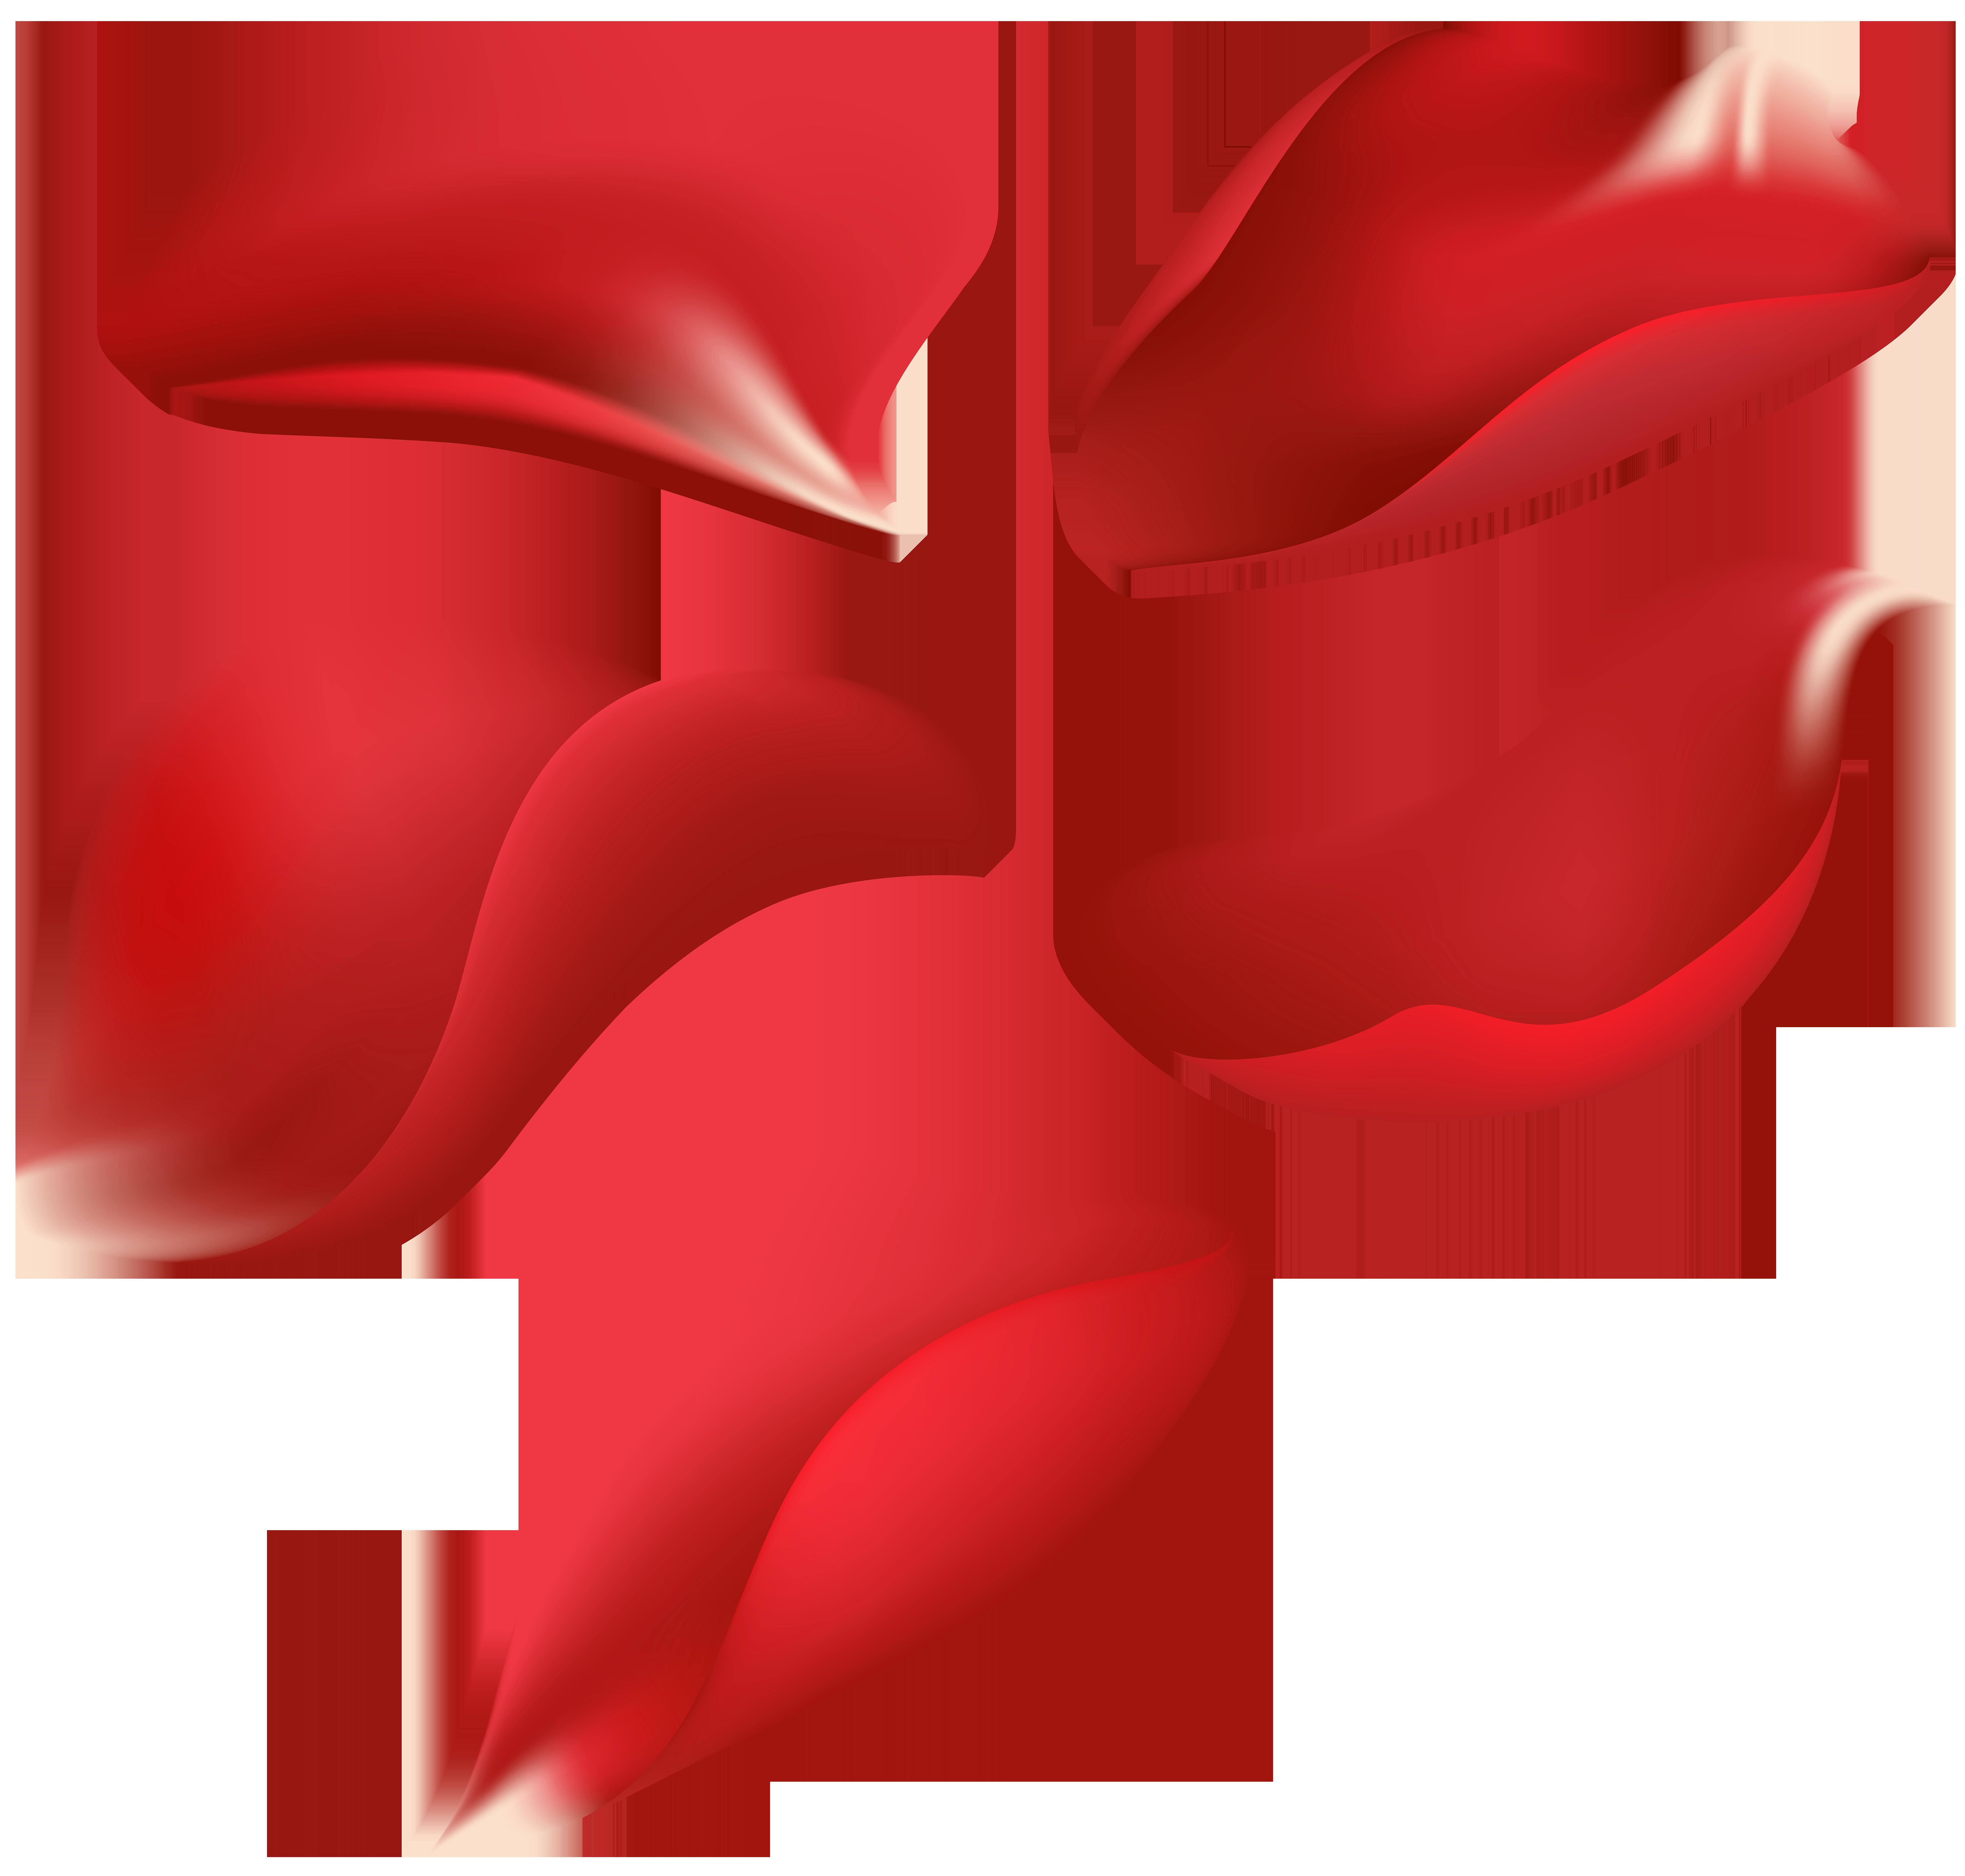 Clipart rose rose petal. Red petals transparent clip